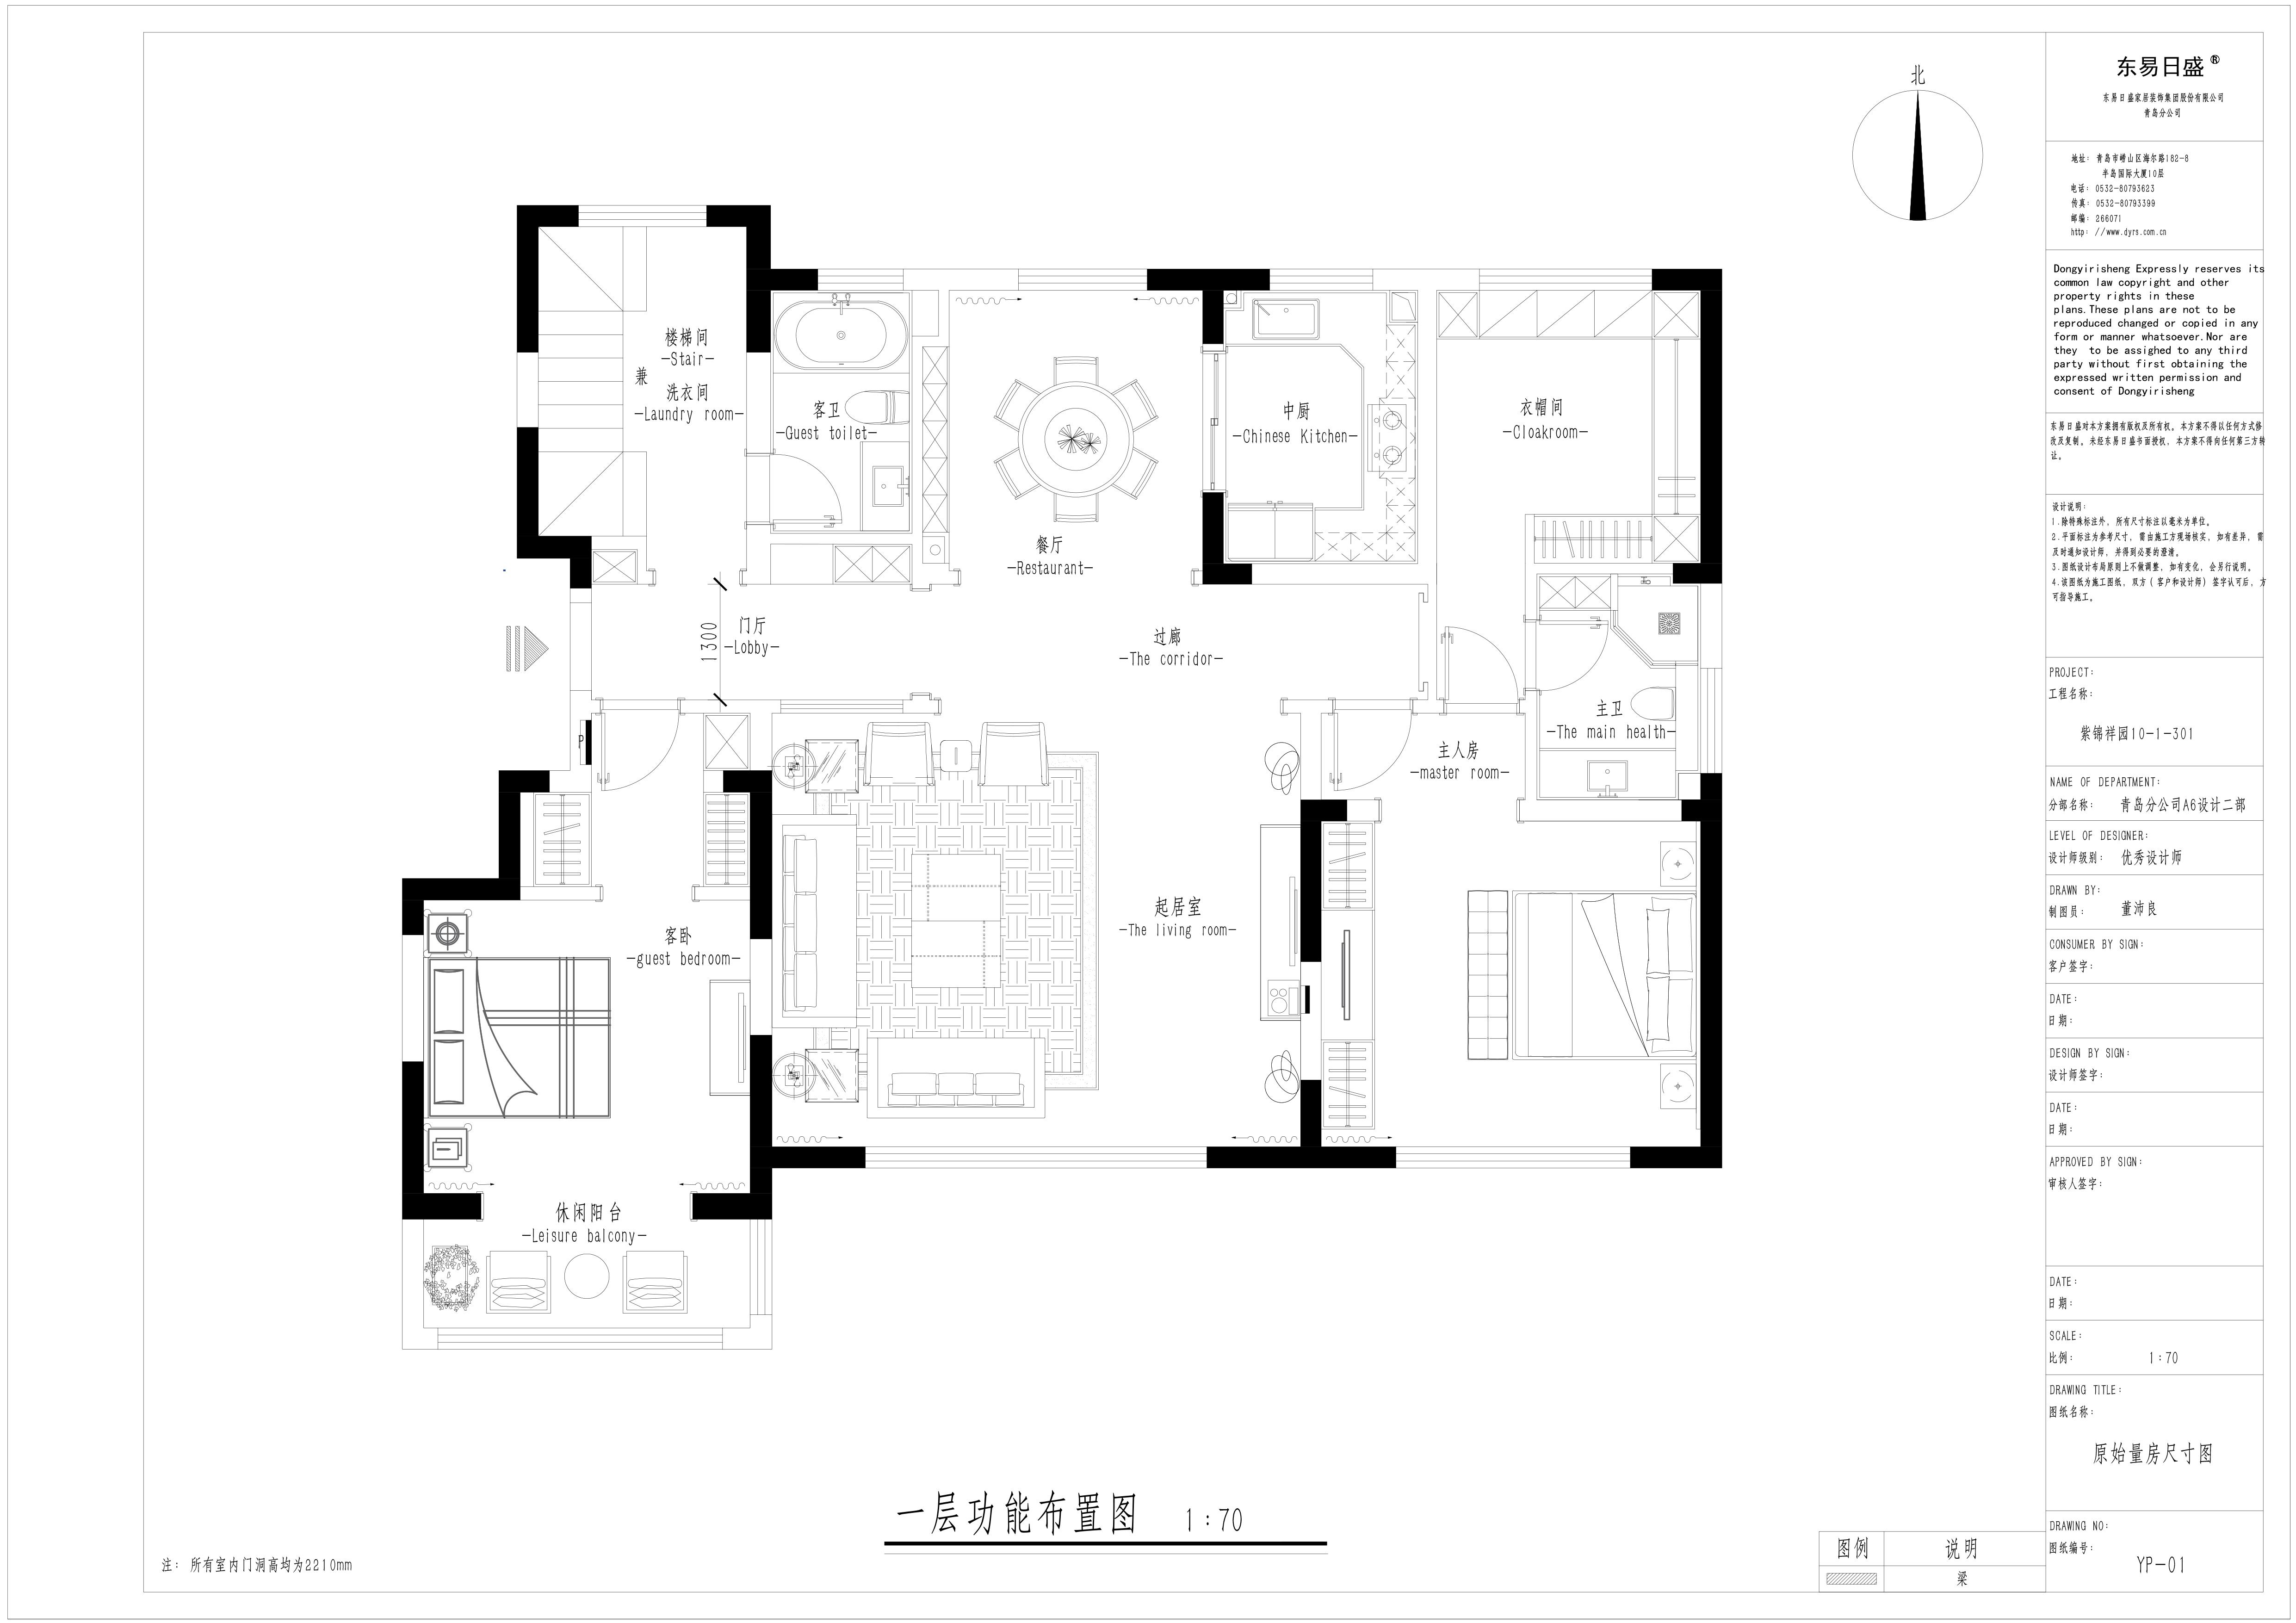 紫锦祥园 320m/2策划案例 新中式装潢成果图装潢策划愿景